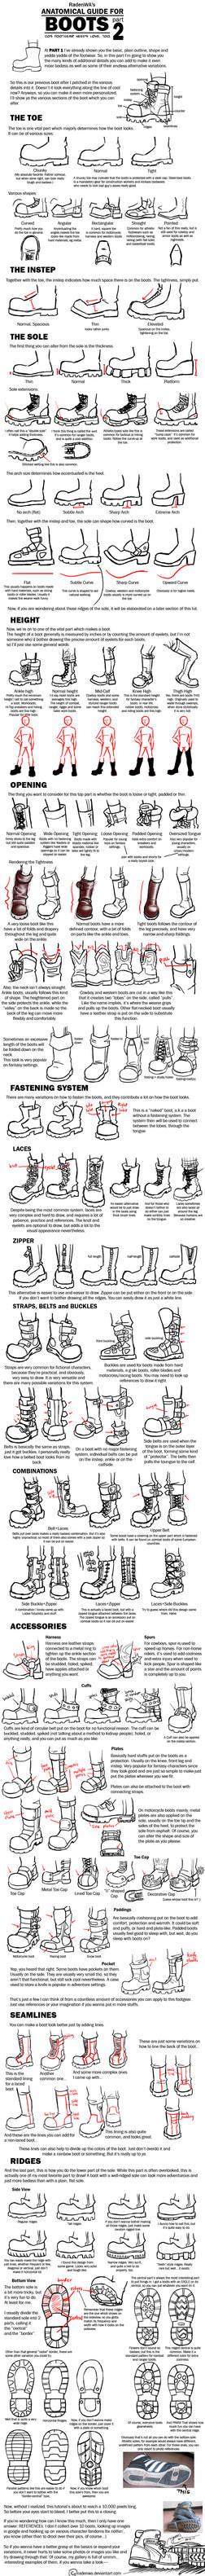 WA's BOOT Anatomy Tutorial Pt2